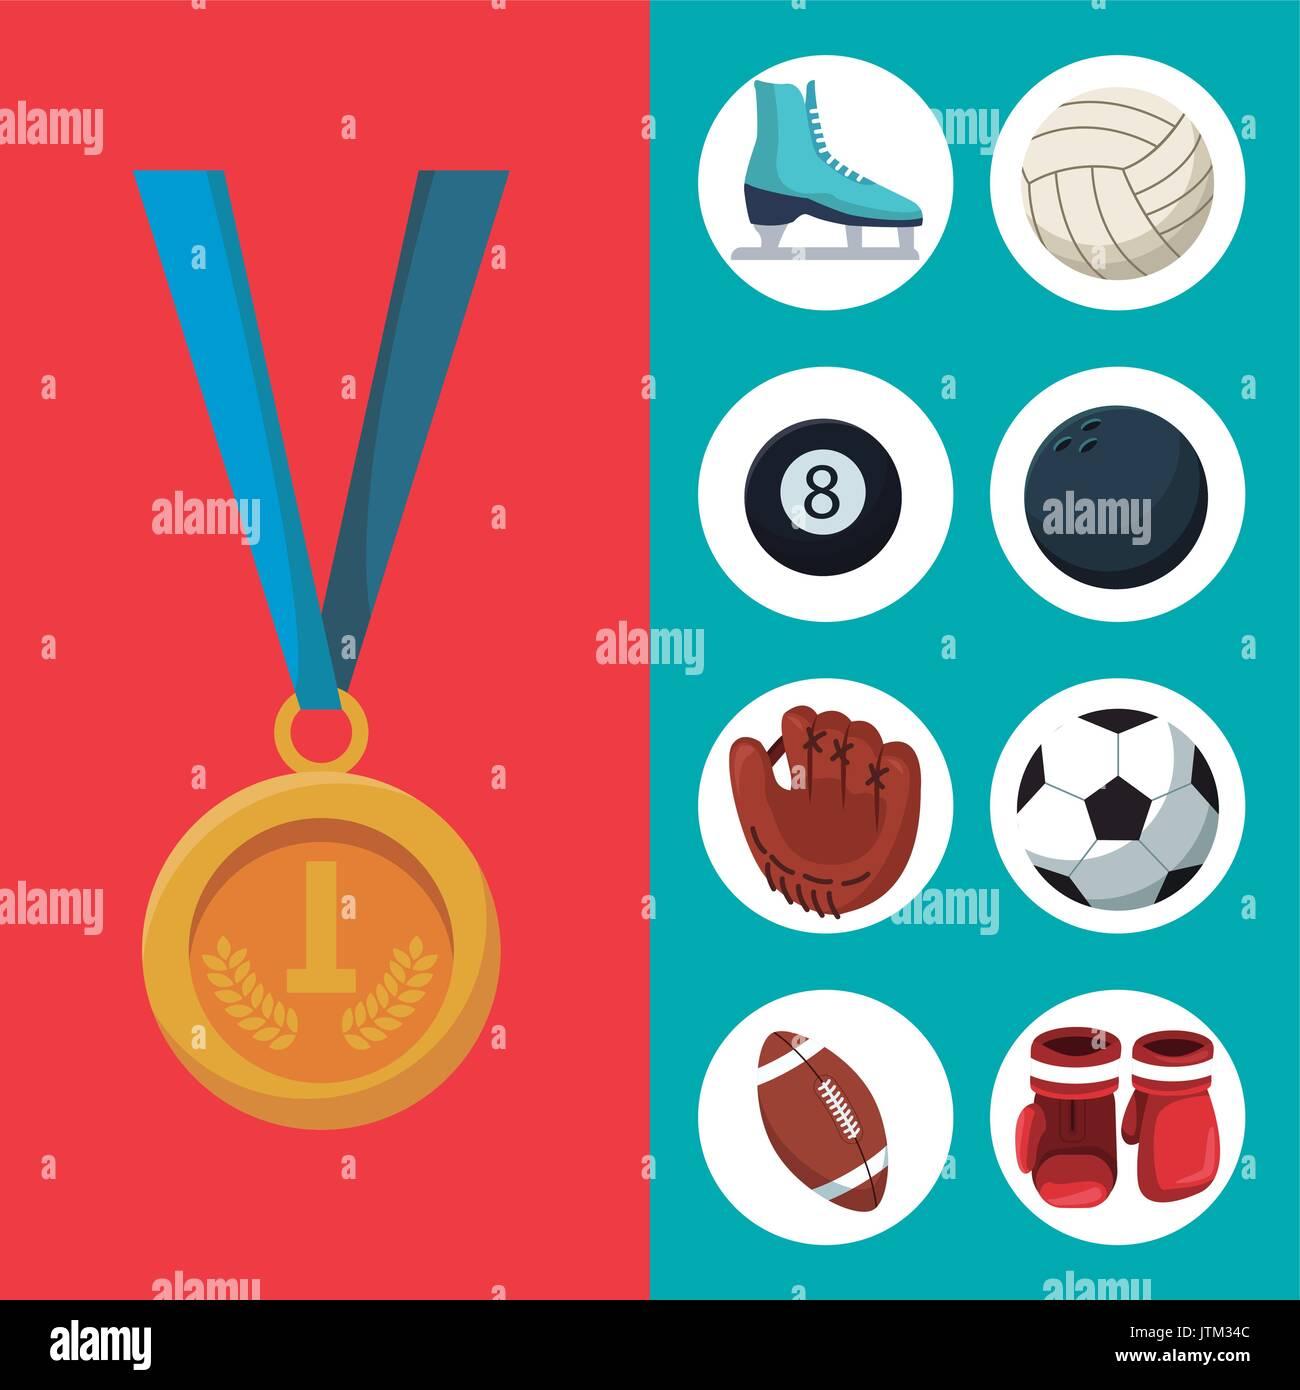 Fondo de color con medalla de oro el primer lugar y estandarte de establecer elementos deportes Imagen De Stock